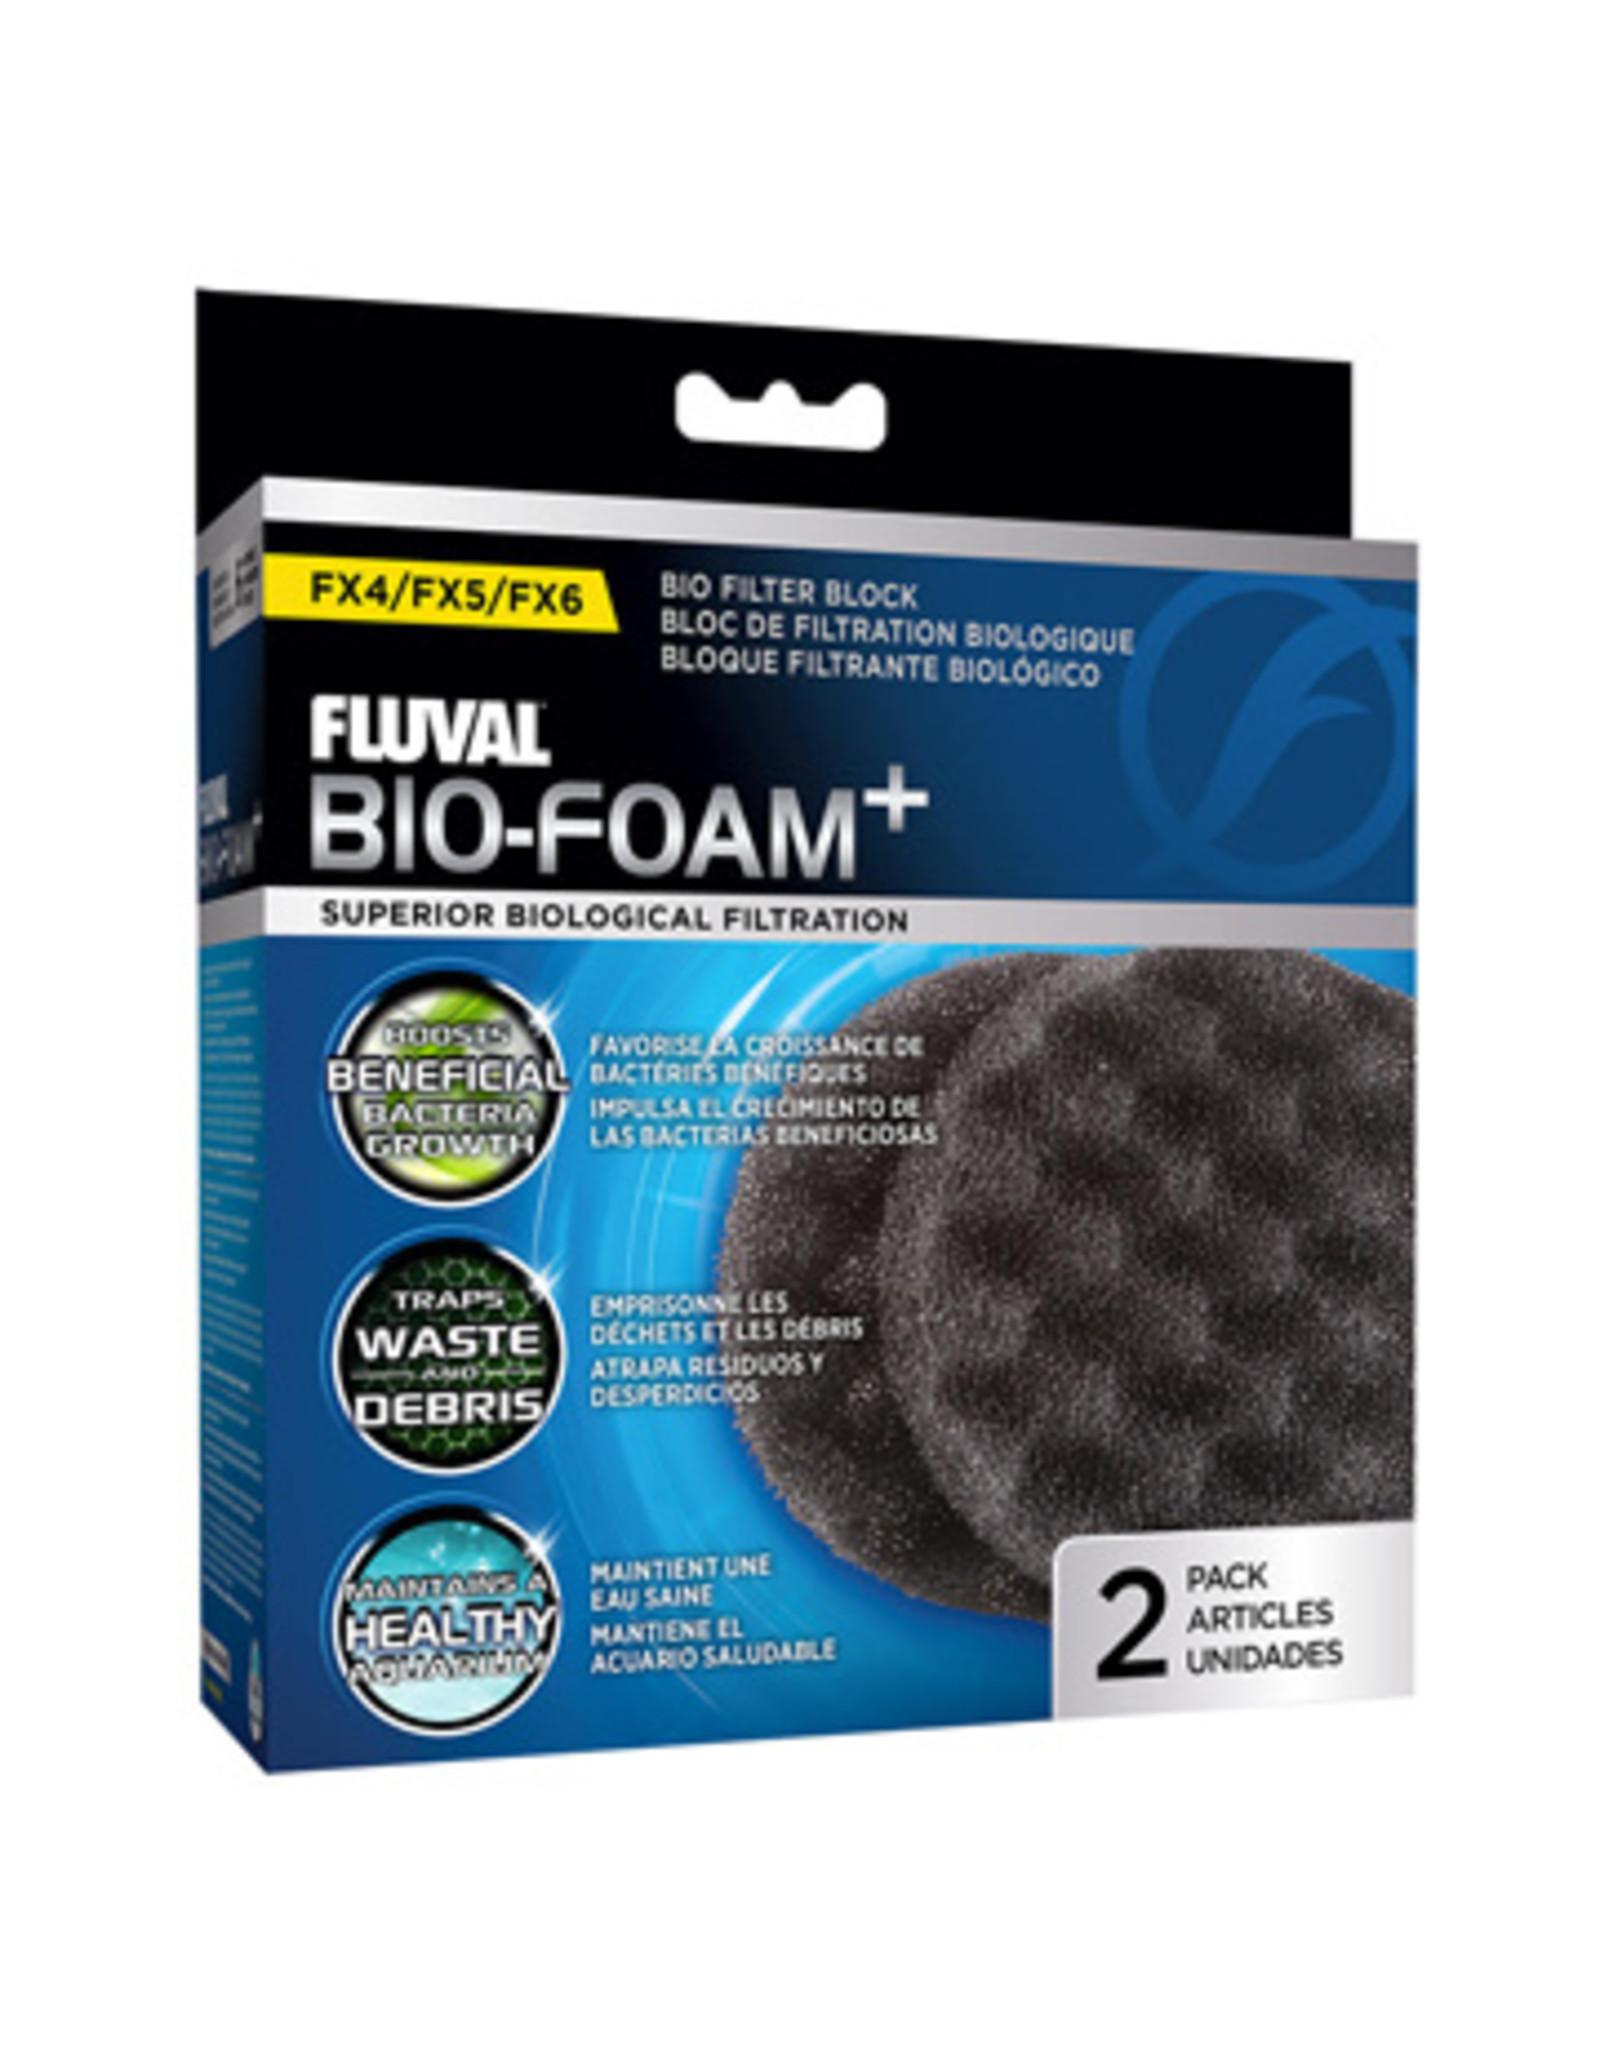 Fluval FLUVAL FX4/5/6 Bio-Foam